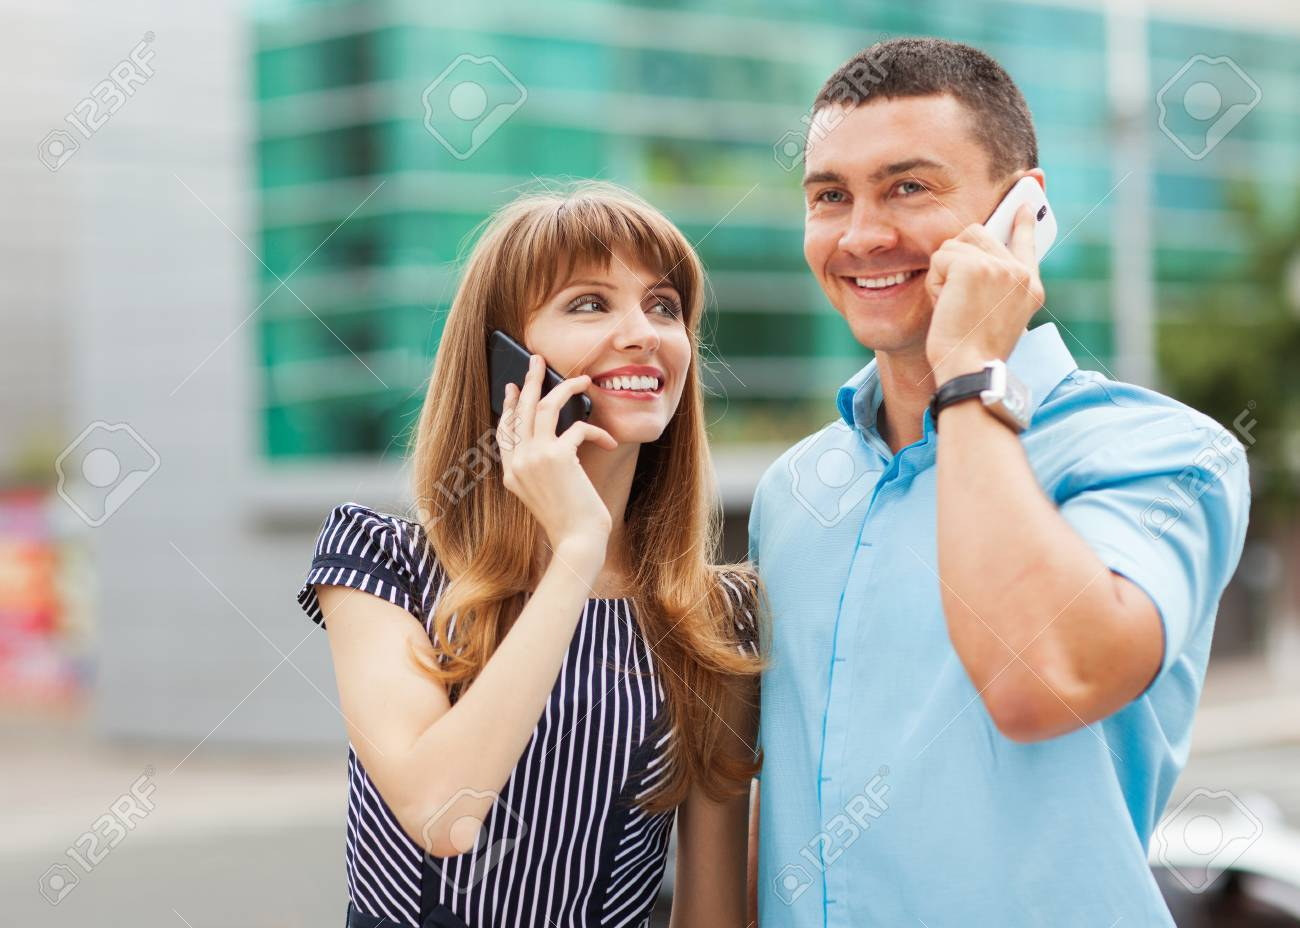 des photos de couples à la recherche pour les hommes